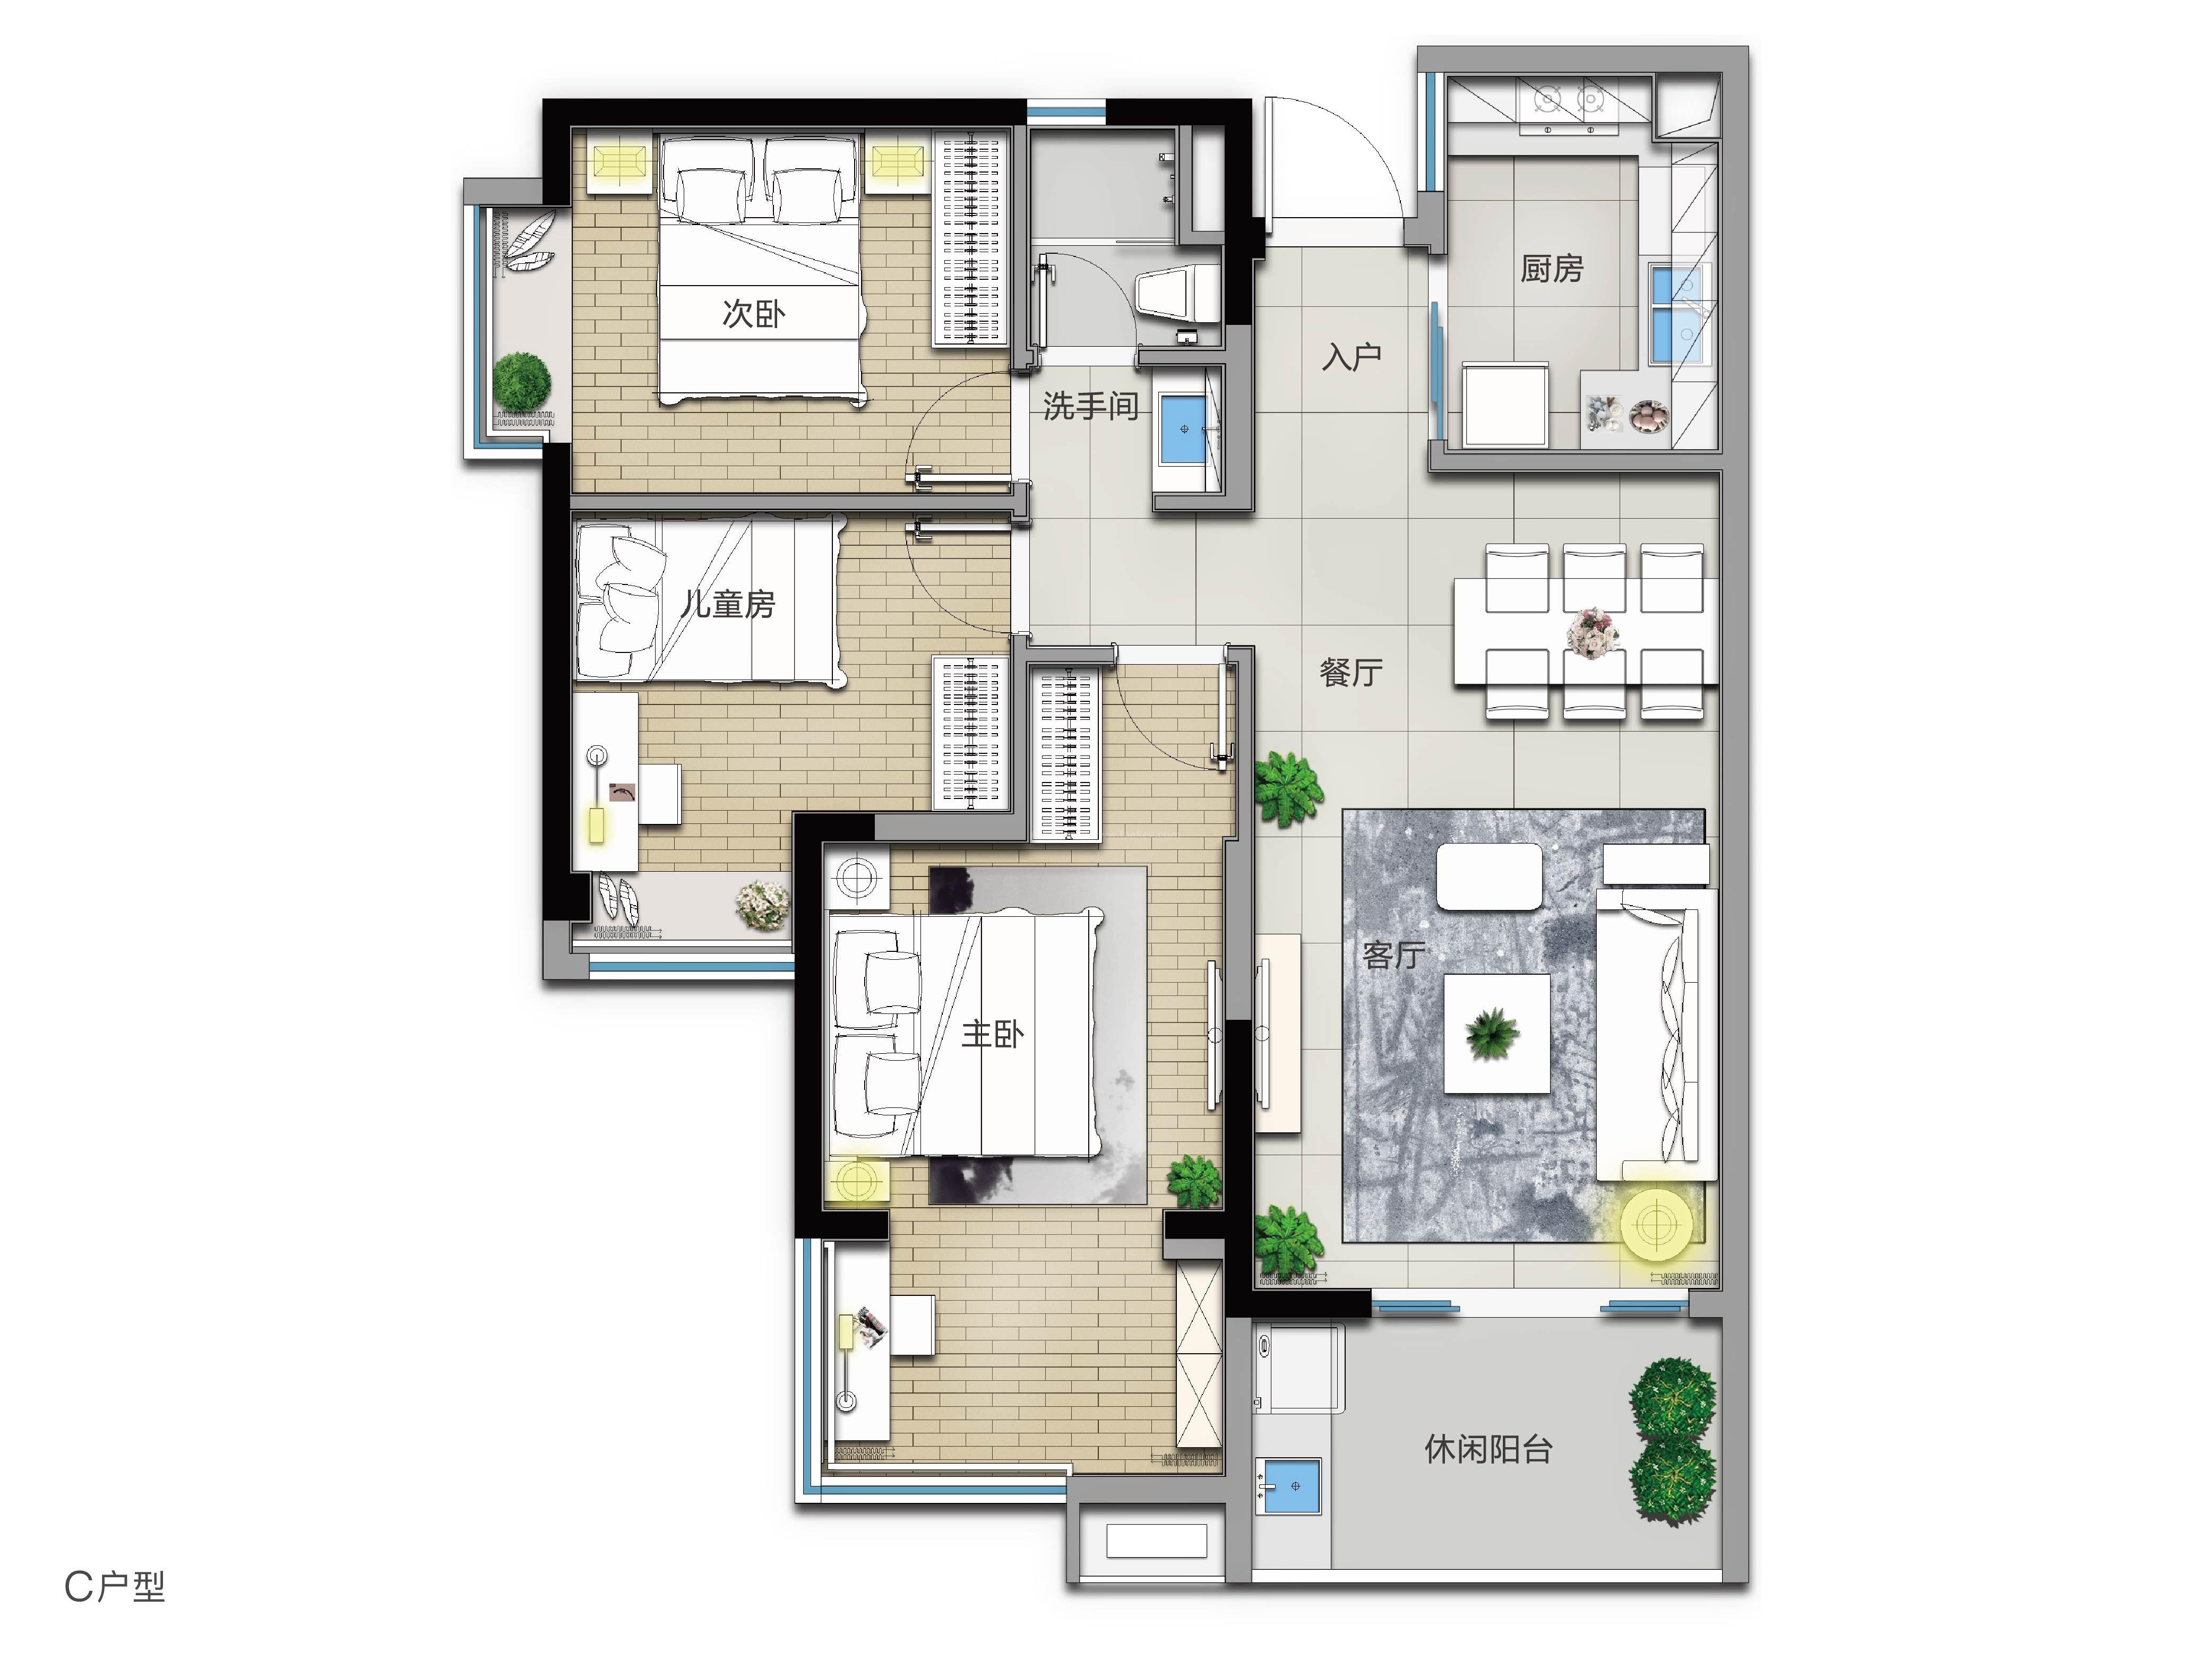 C戶型 3室2廳1衛 建筑面積:101㎡